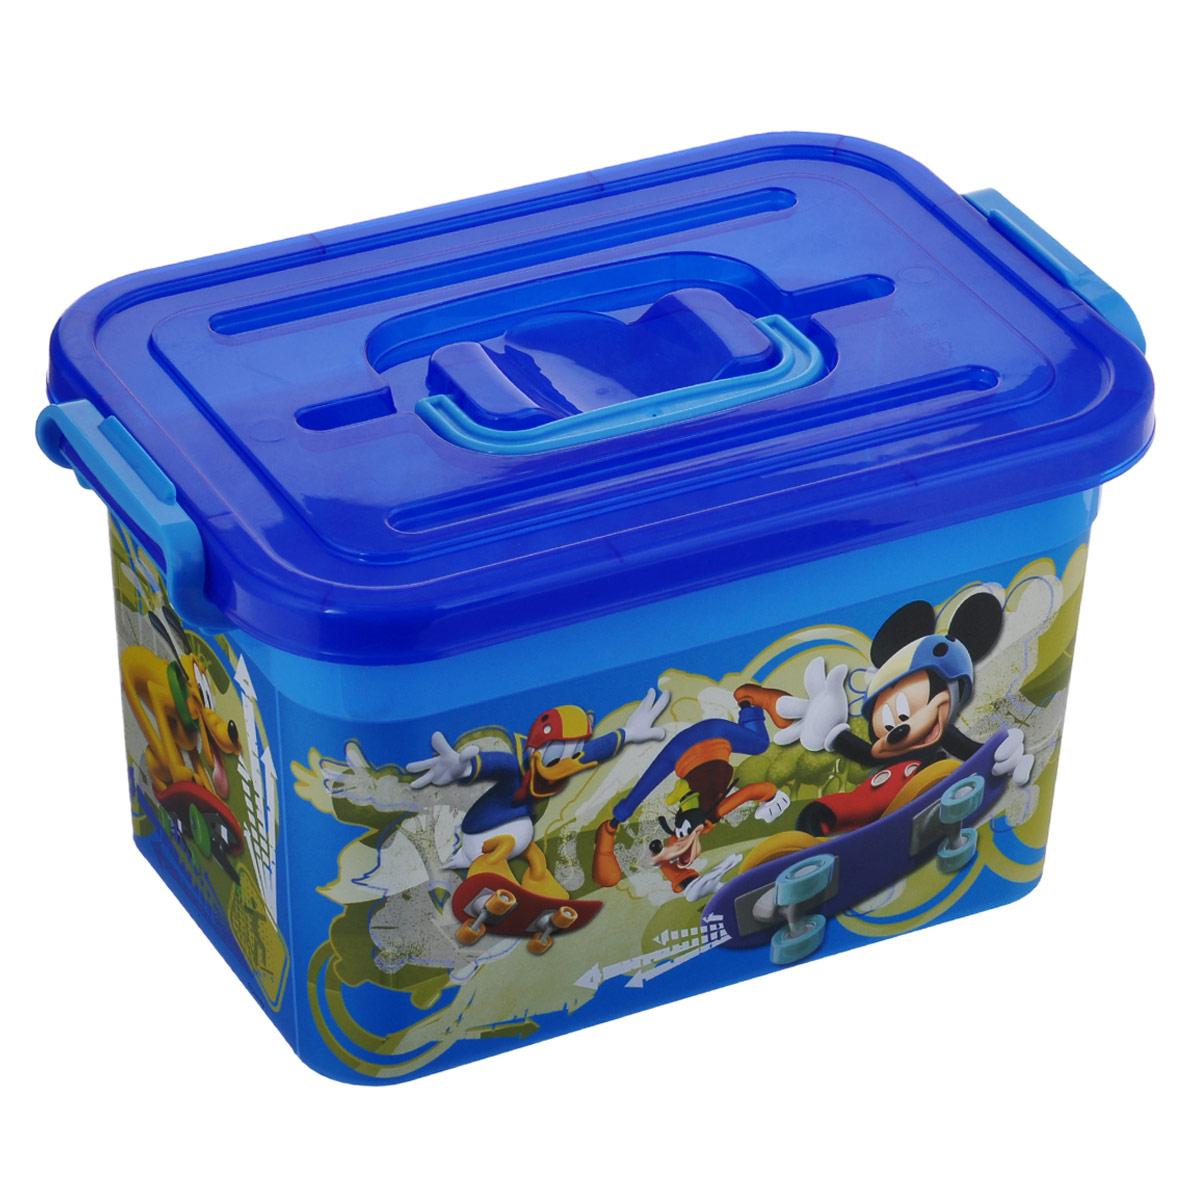 Ящик для игрушек Полимербыт Микки Маус, цвет: синий, 6,5 л ящик для игрушек полимербыт микки маус цвет синий 6 5 л